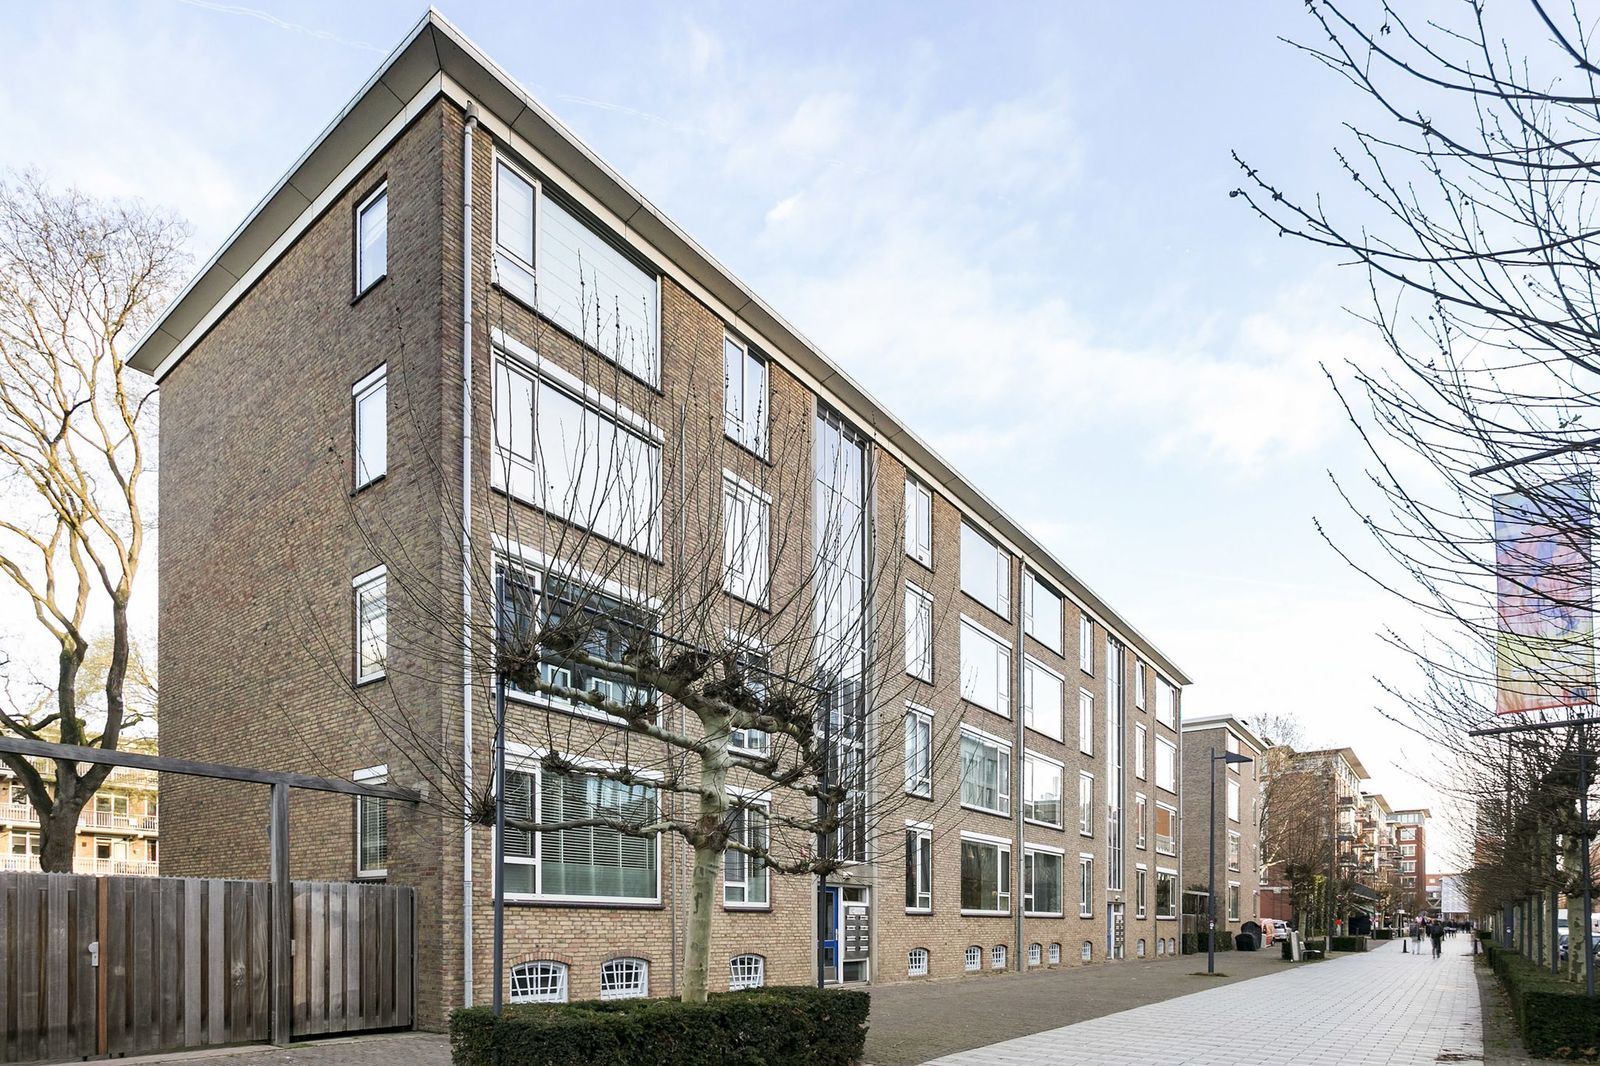 Leeghwaterlaan 153, 's-hertogenbosch